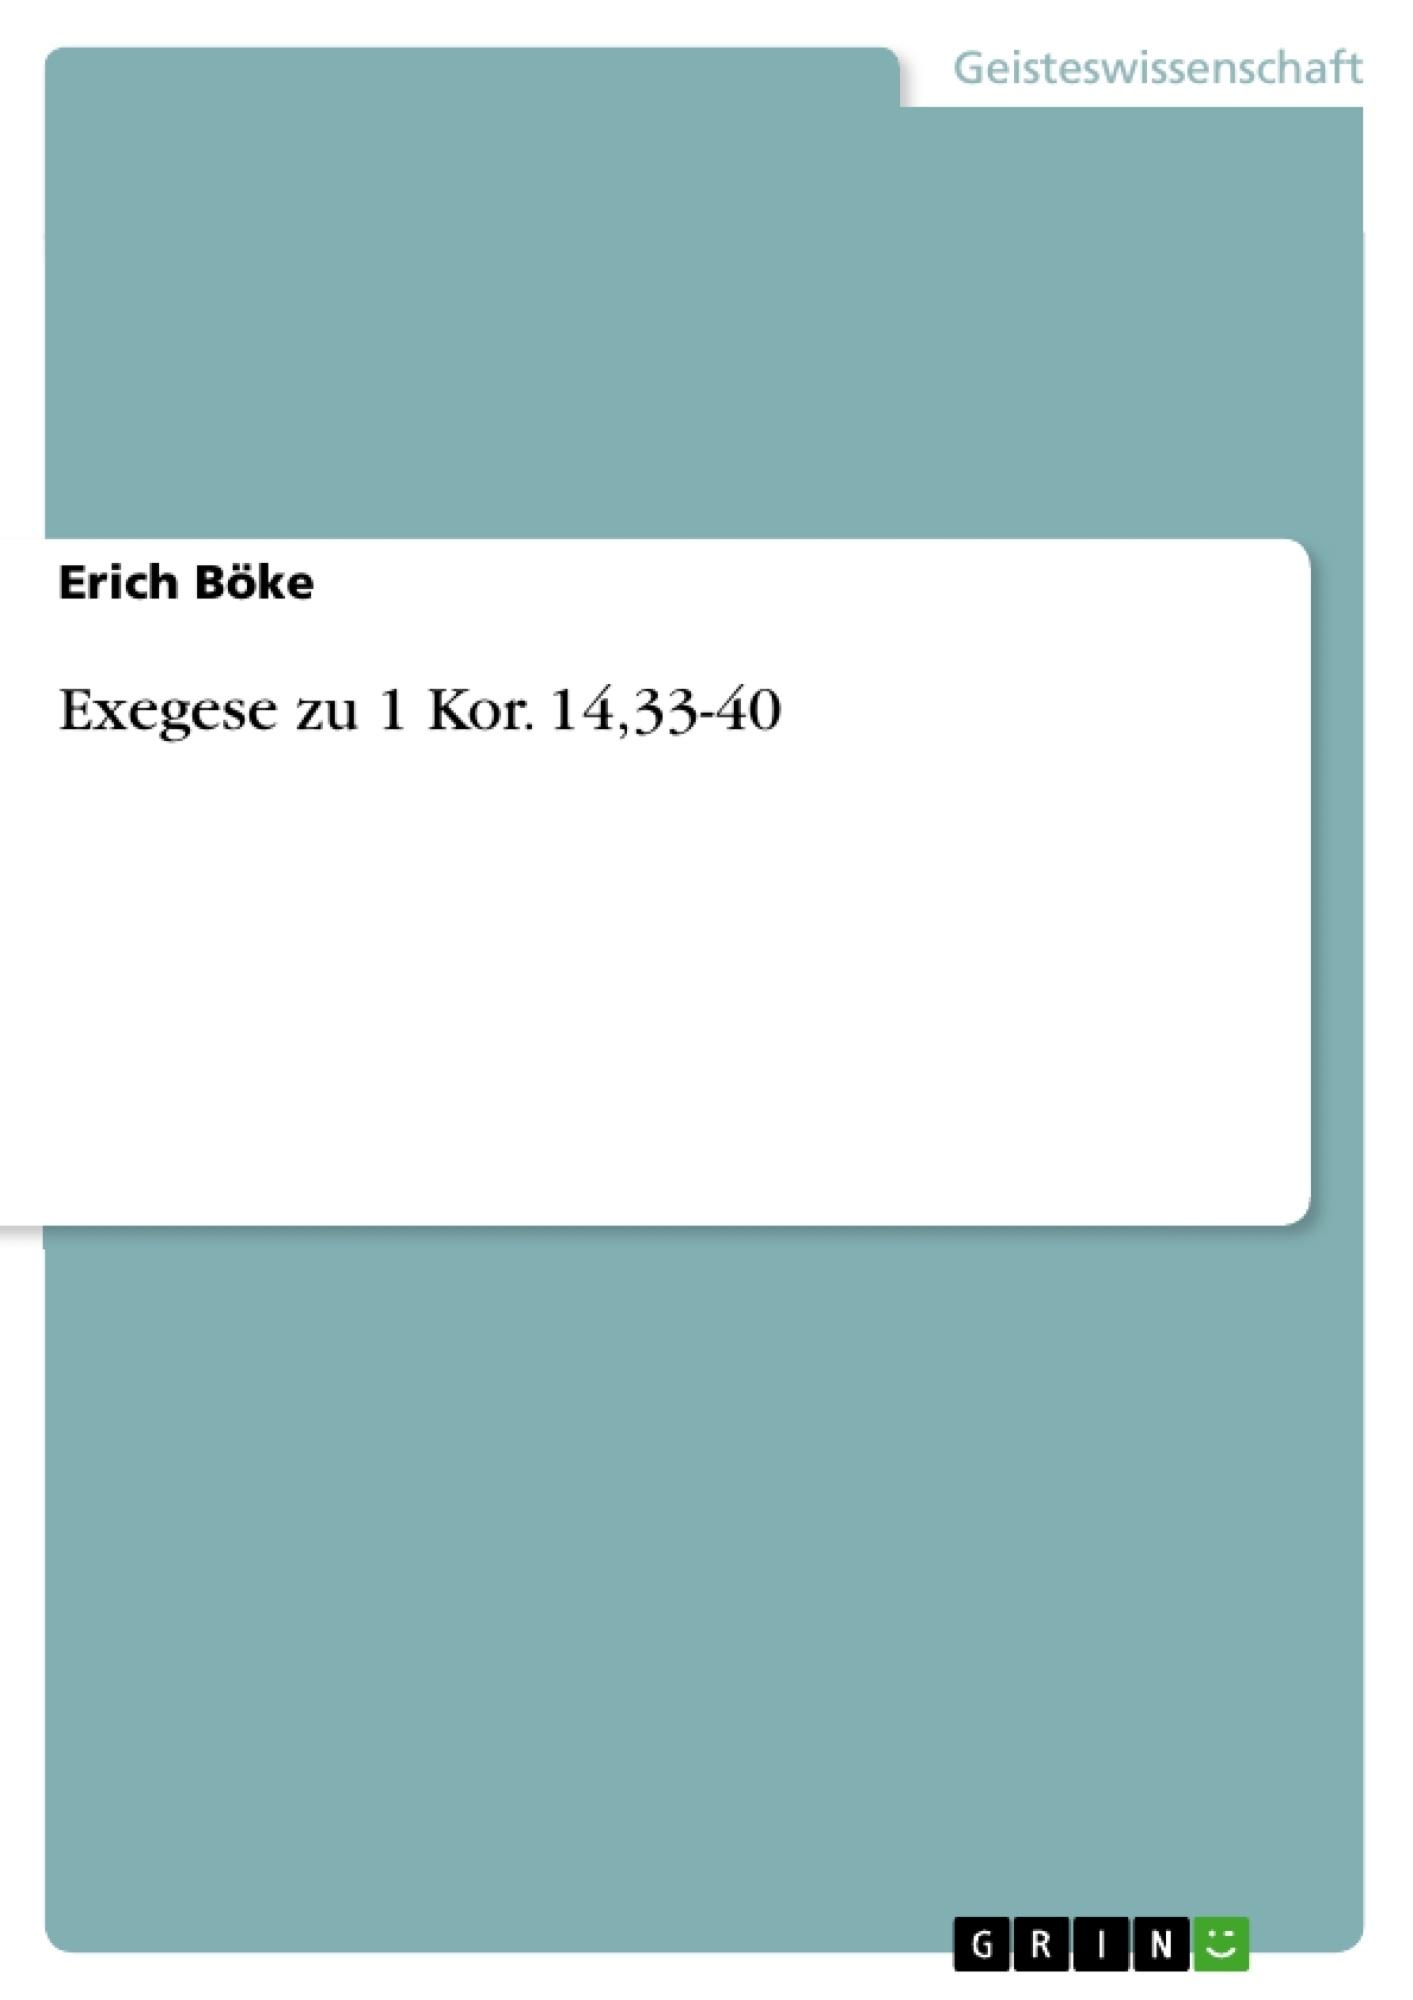 Titel: Exegese zu 1 Kor. 14,33-40